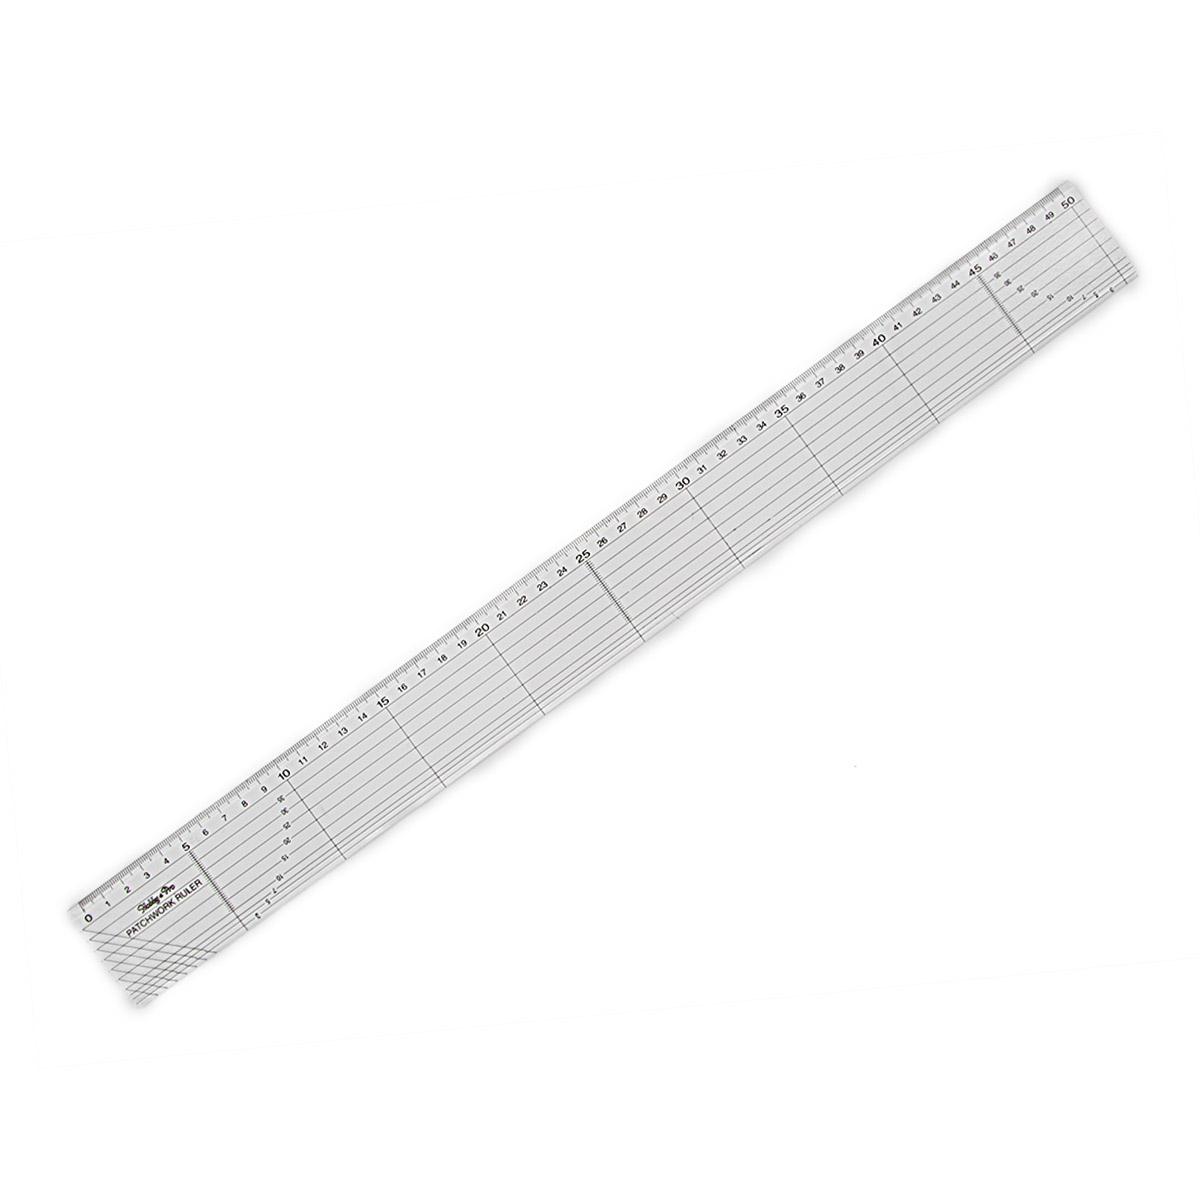 620084 Линейка для разметки. Градация в см, 50 см, Hobby&Pro